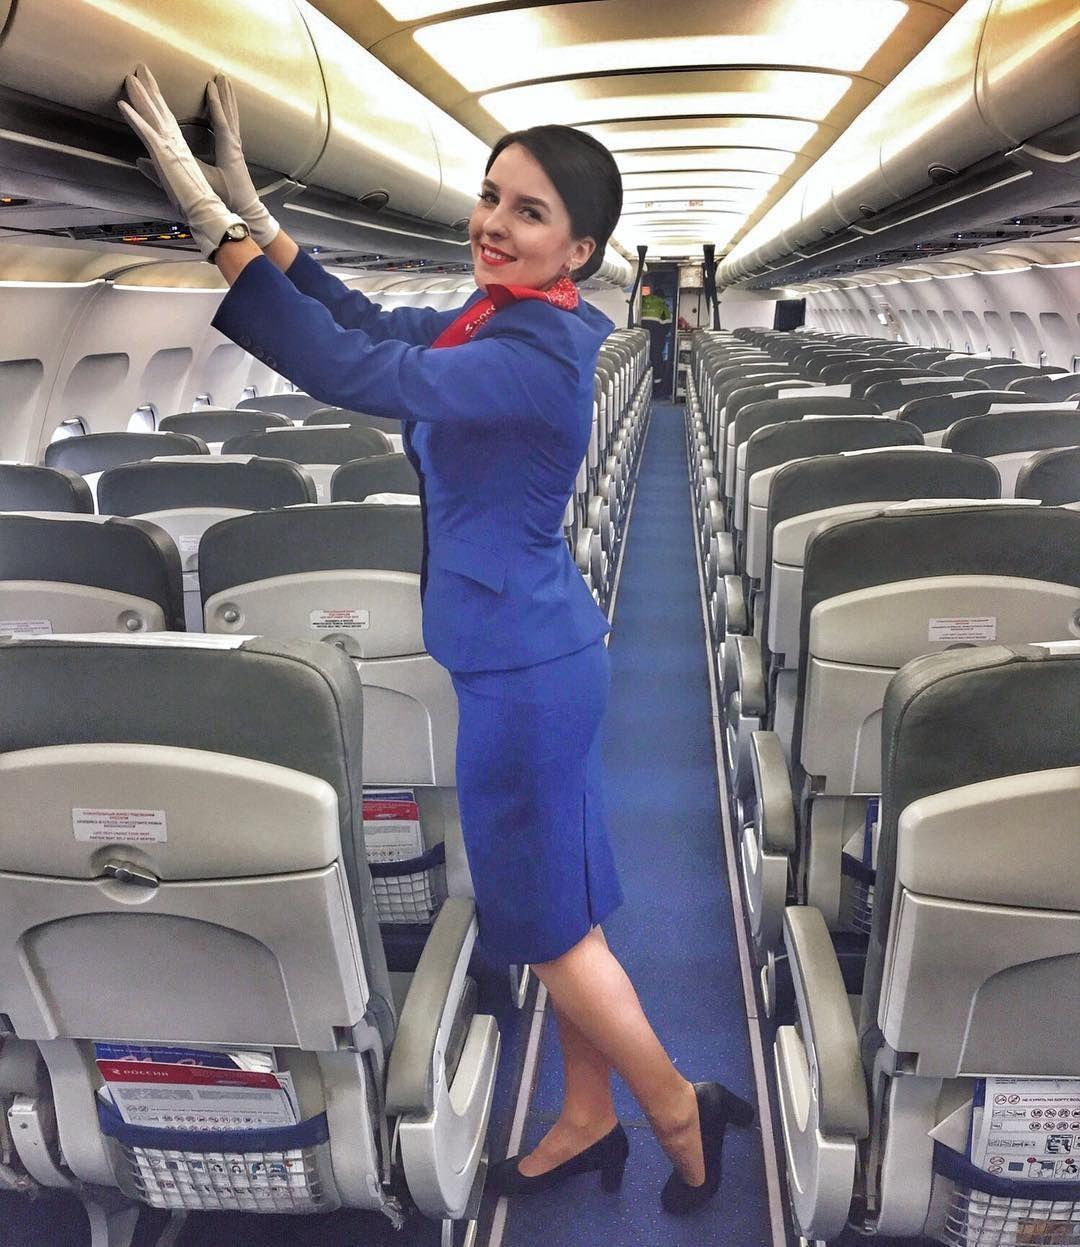 стюардессу отели в самолете очень стройная